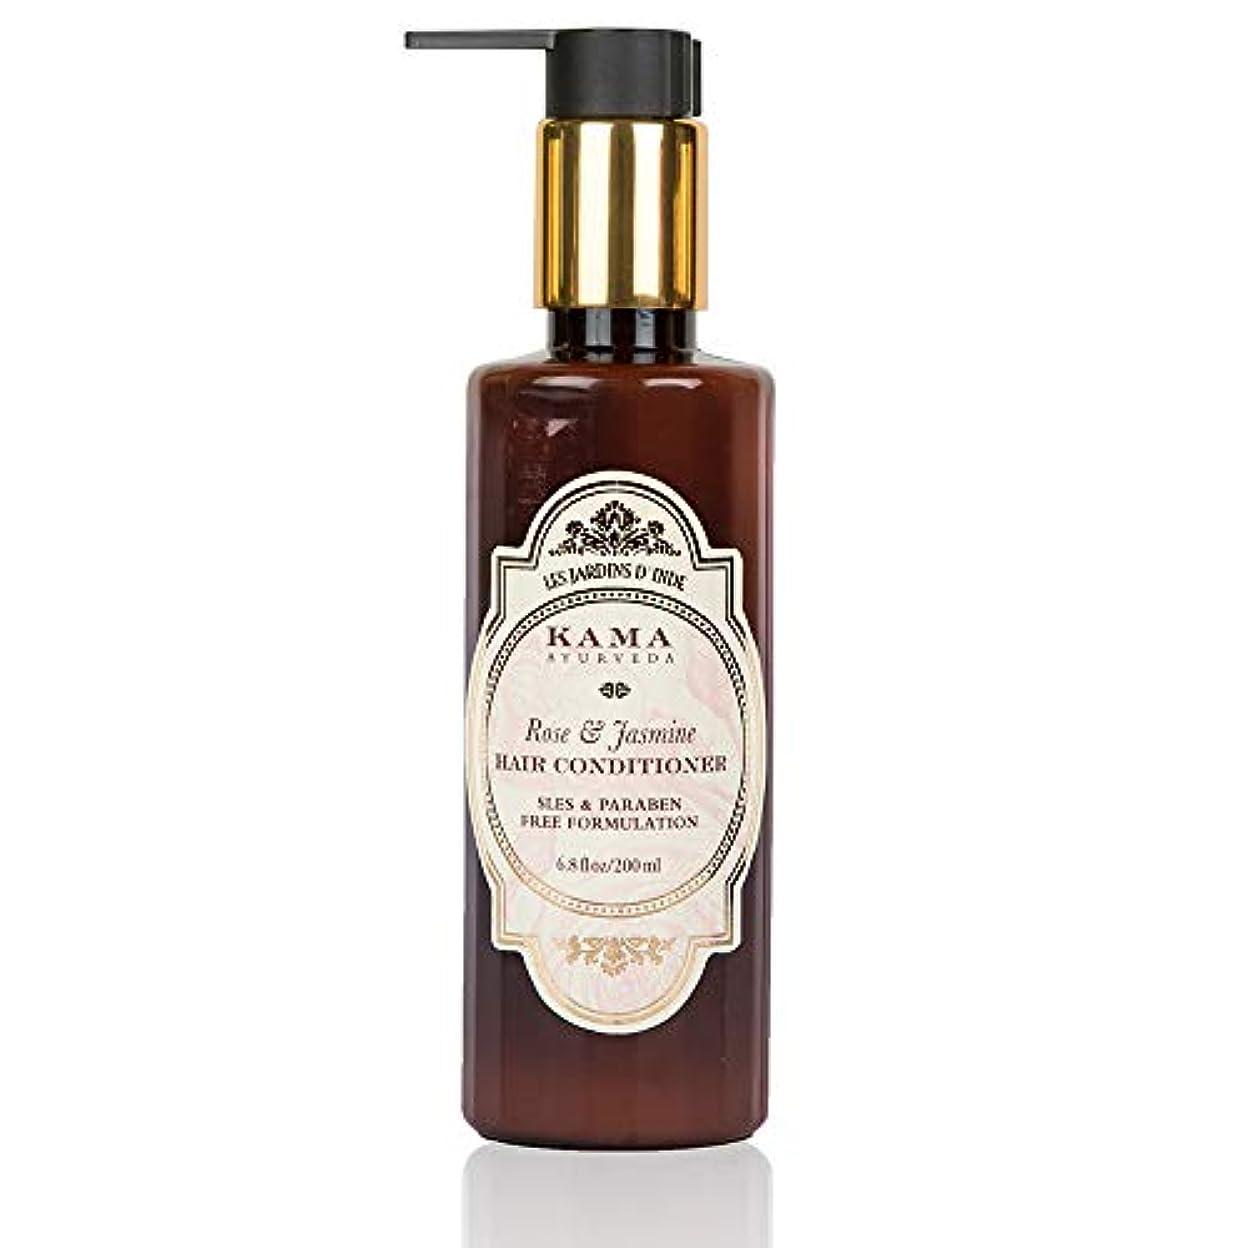 振る舞い関与するナイトスポットKAMA AYURVEDA ローズ&ジャスミン ヘアコンディショナー Rose & Jasmine Hair Conditioner 200ml